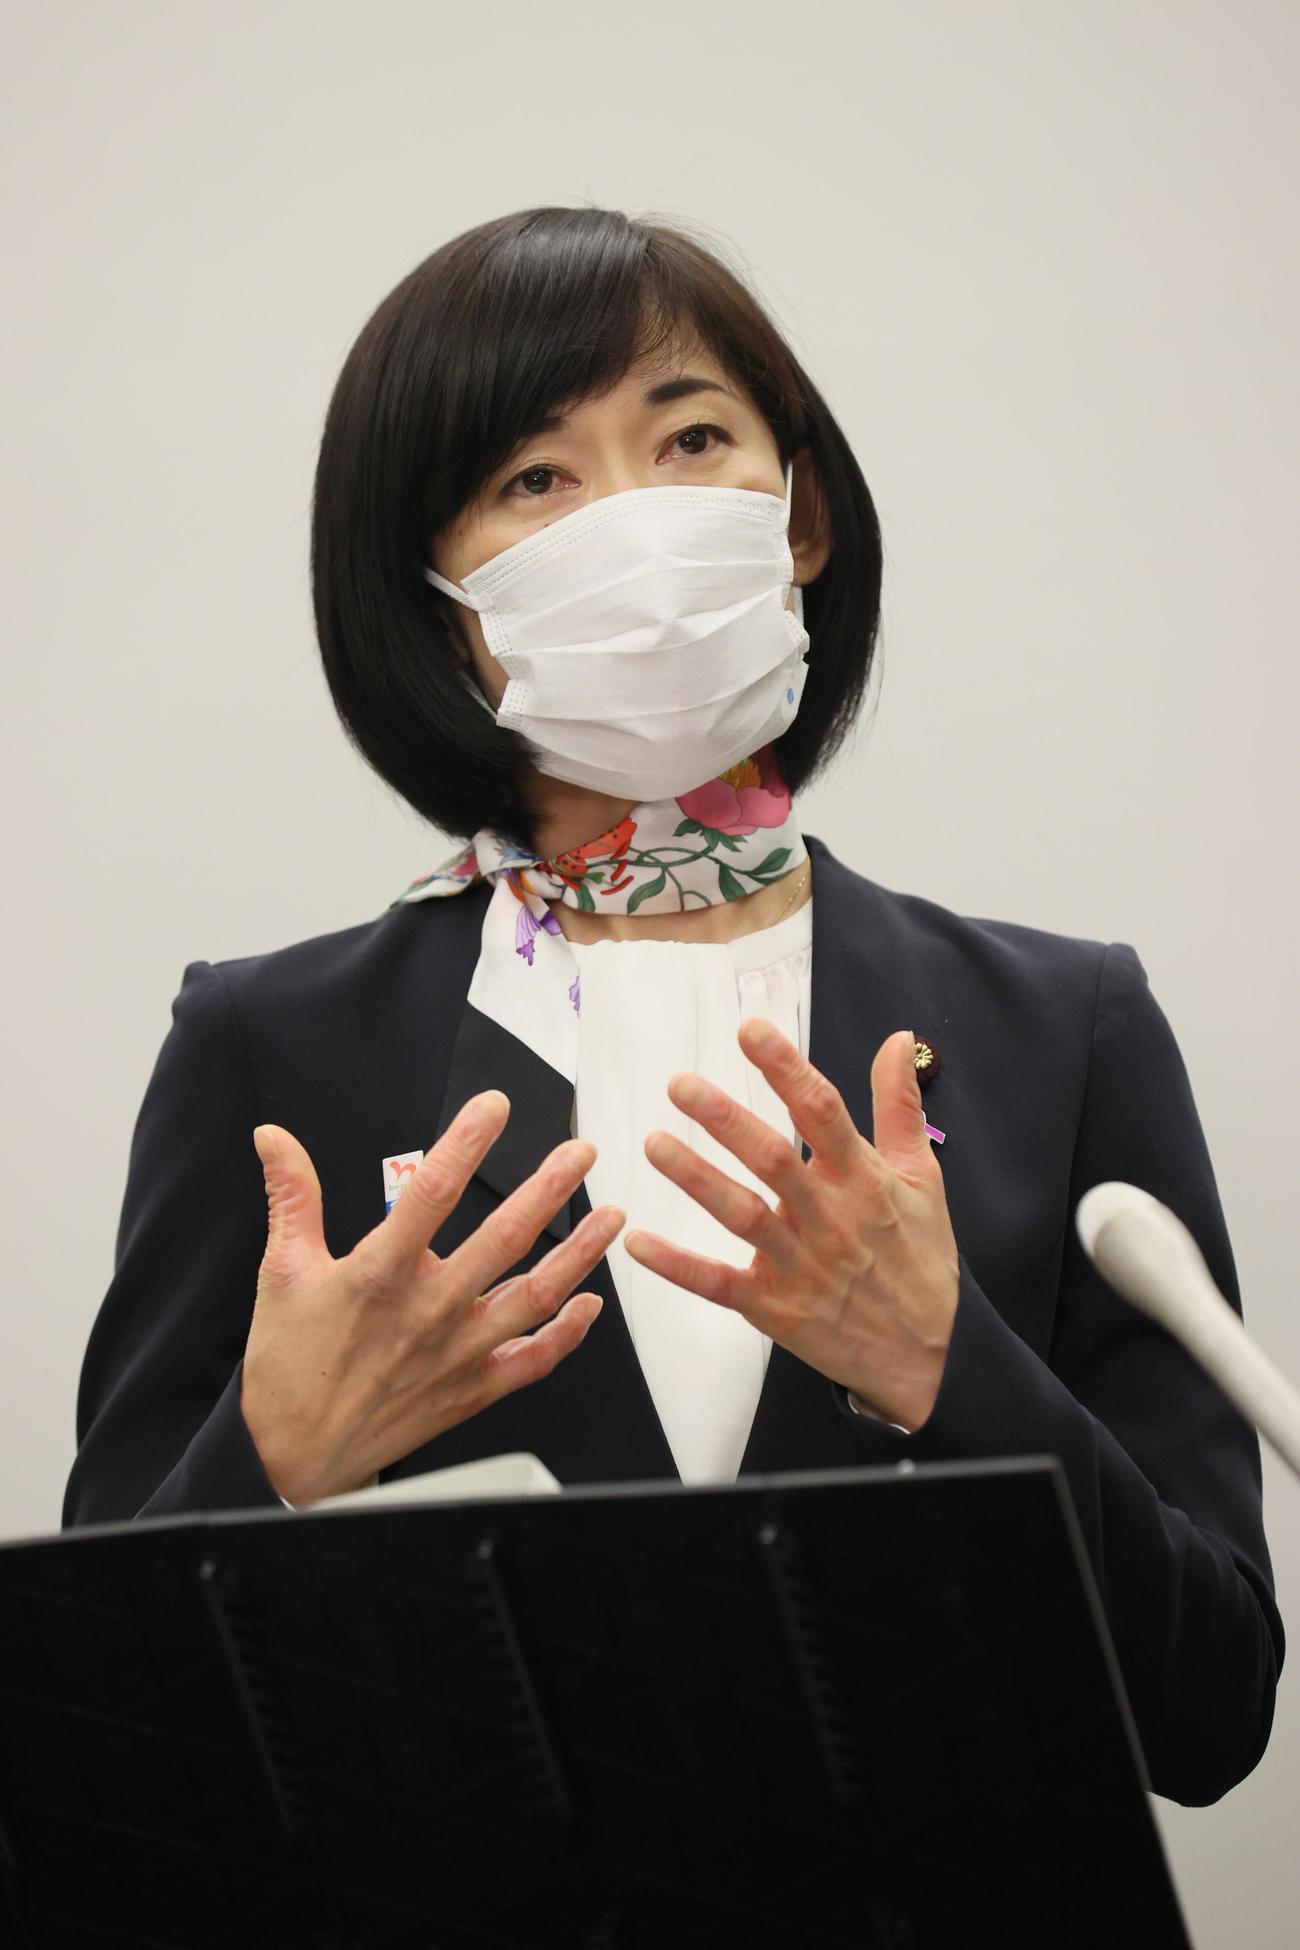 東京五輪・パラリンピックに向けた5者協議を終え、取材に応じる丸川珠代五輪担当相(代表撮影)